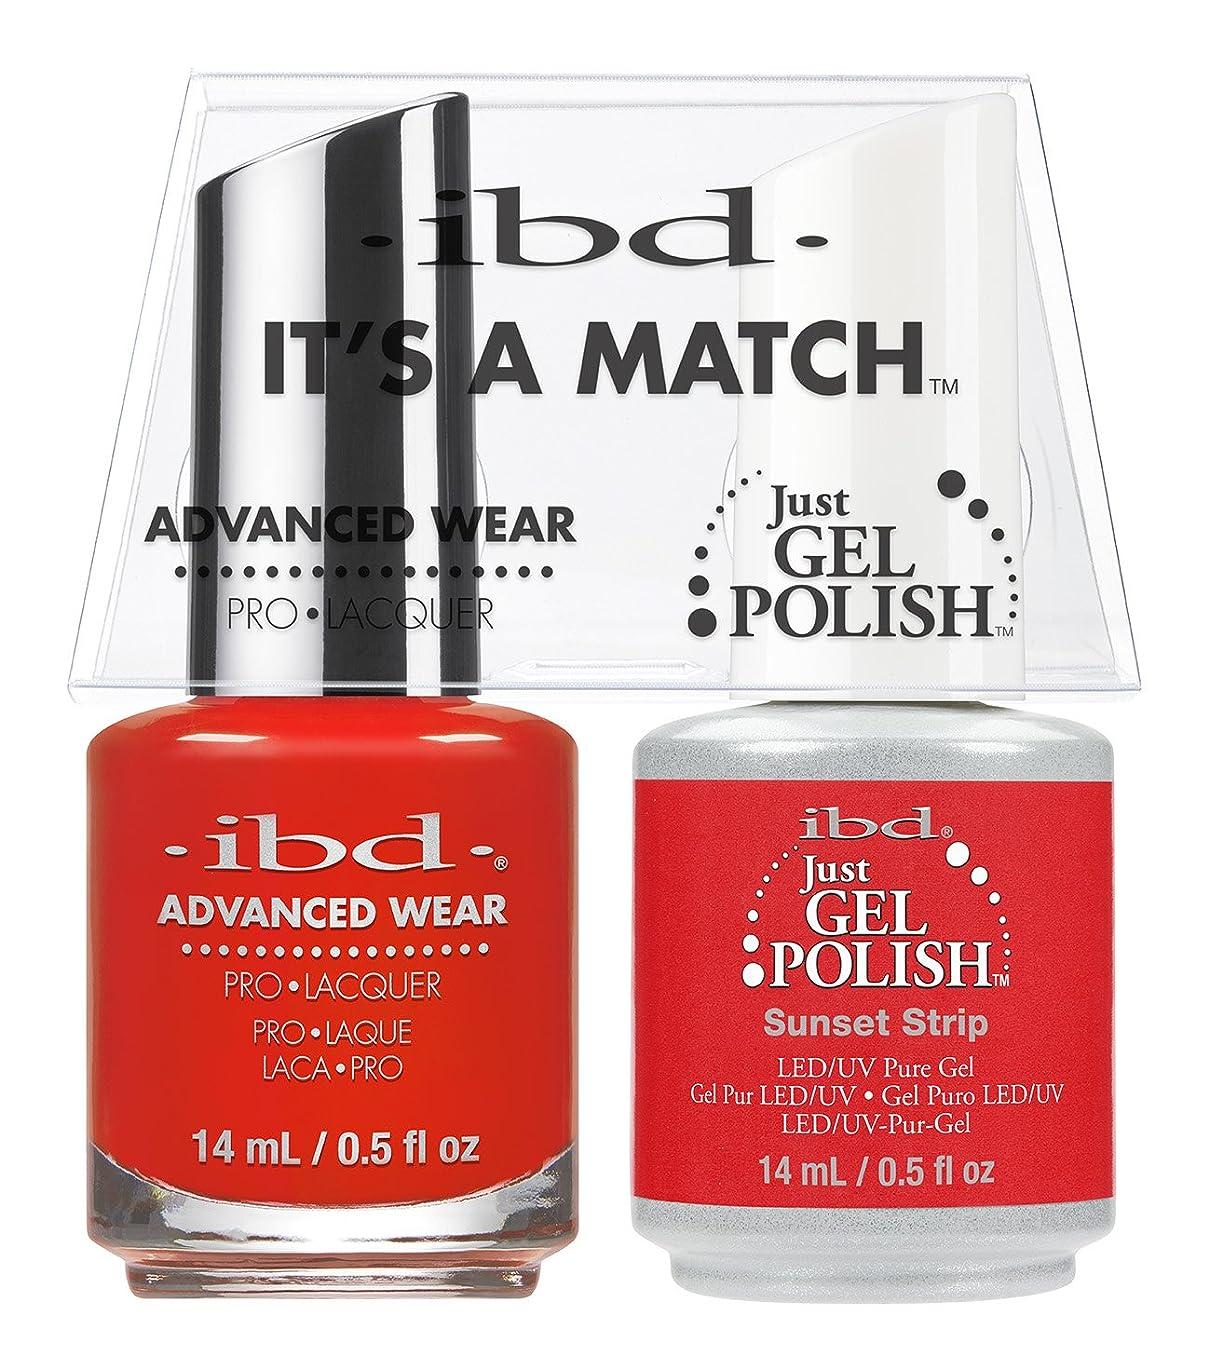 くるくる思われる裏切り者ibd - It's A Match -Duo Pack- Sunset Strip - 14 mL / 0.5 oz Each